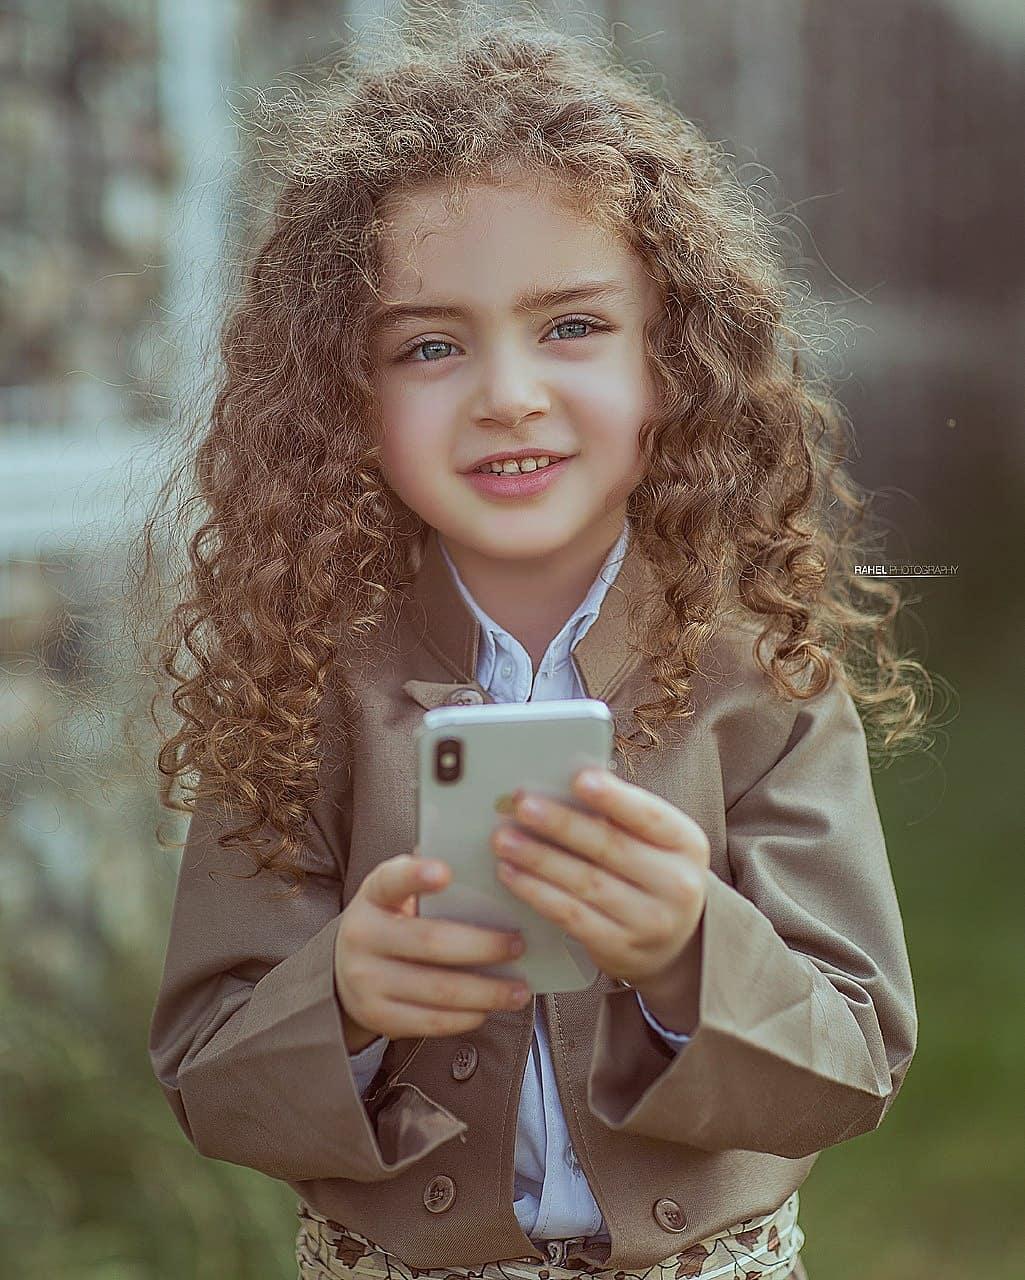 خلفيات بنات كيوت للفيس بوك صور بنات كيوت فيس بوك قبلات الحياة